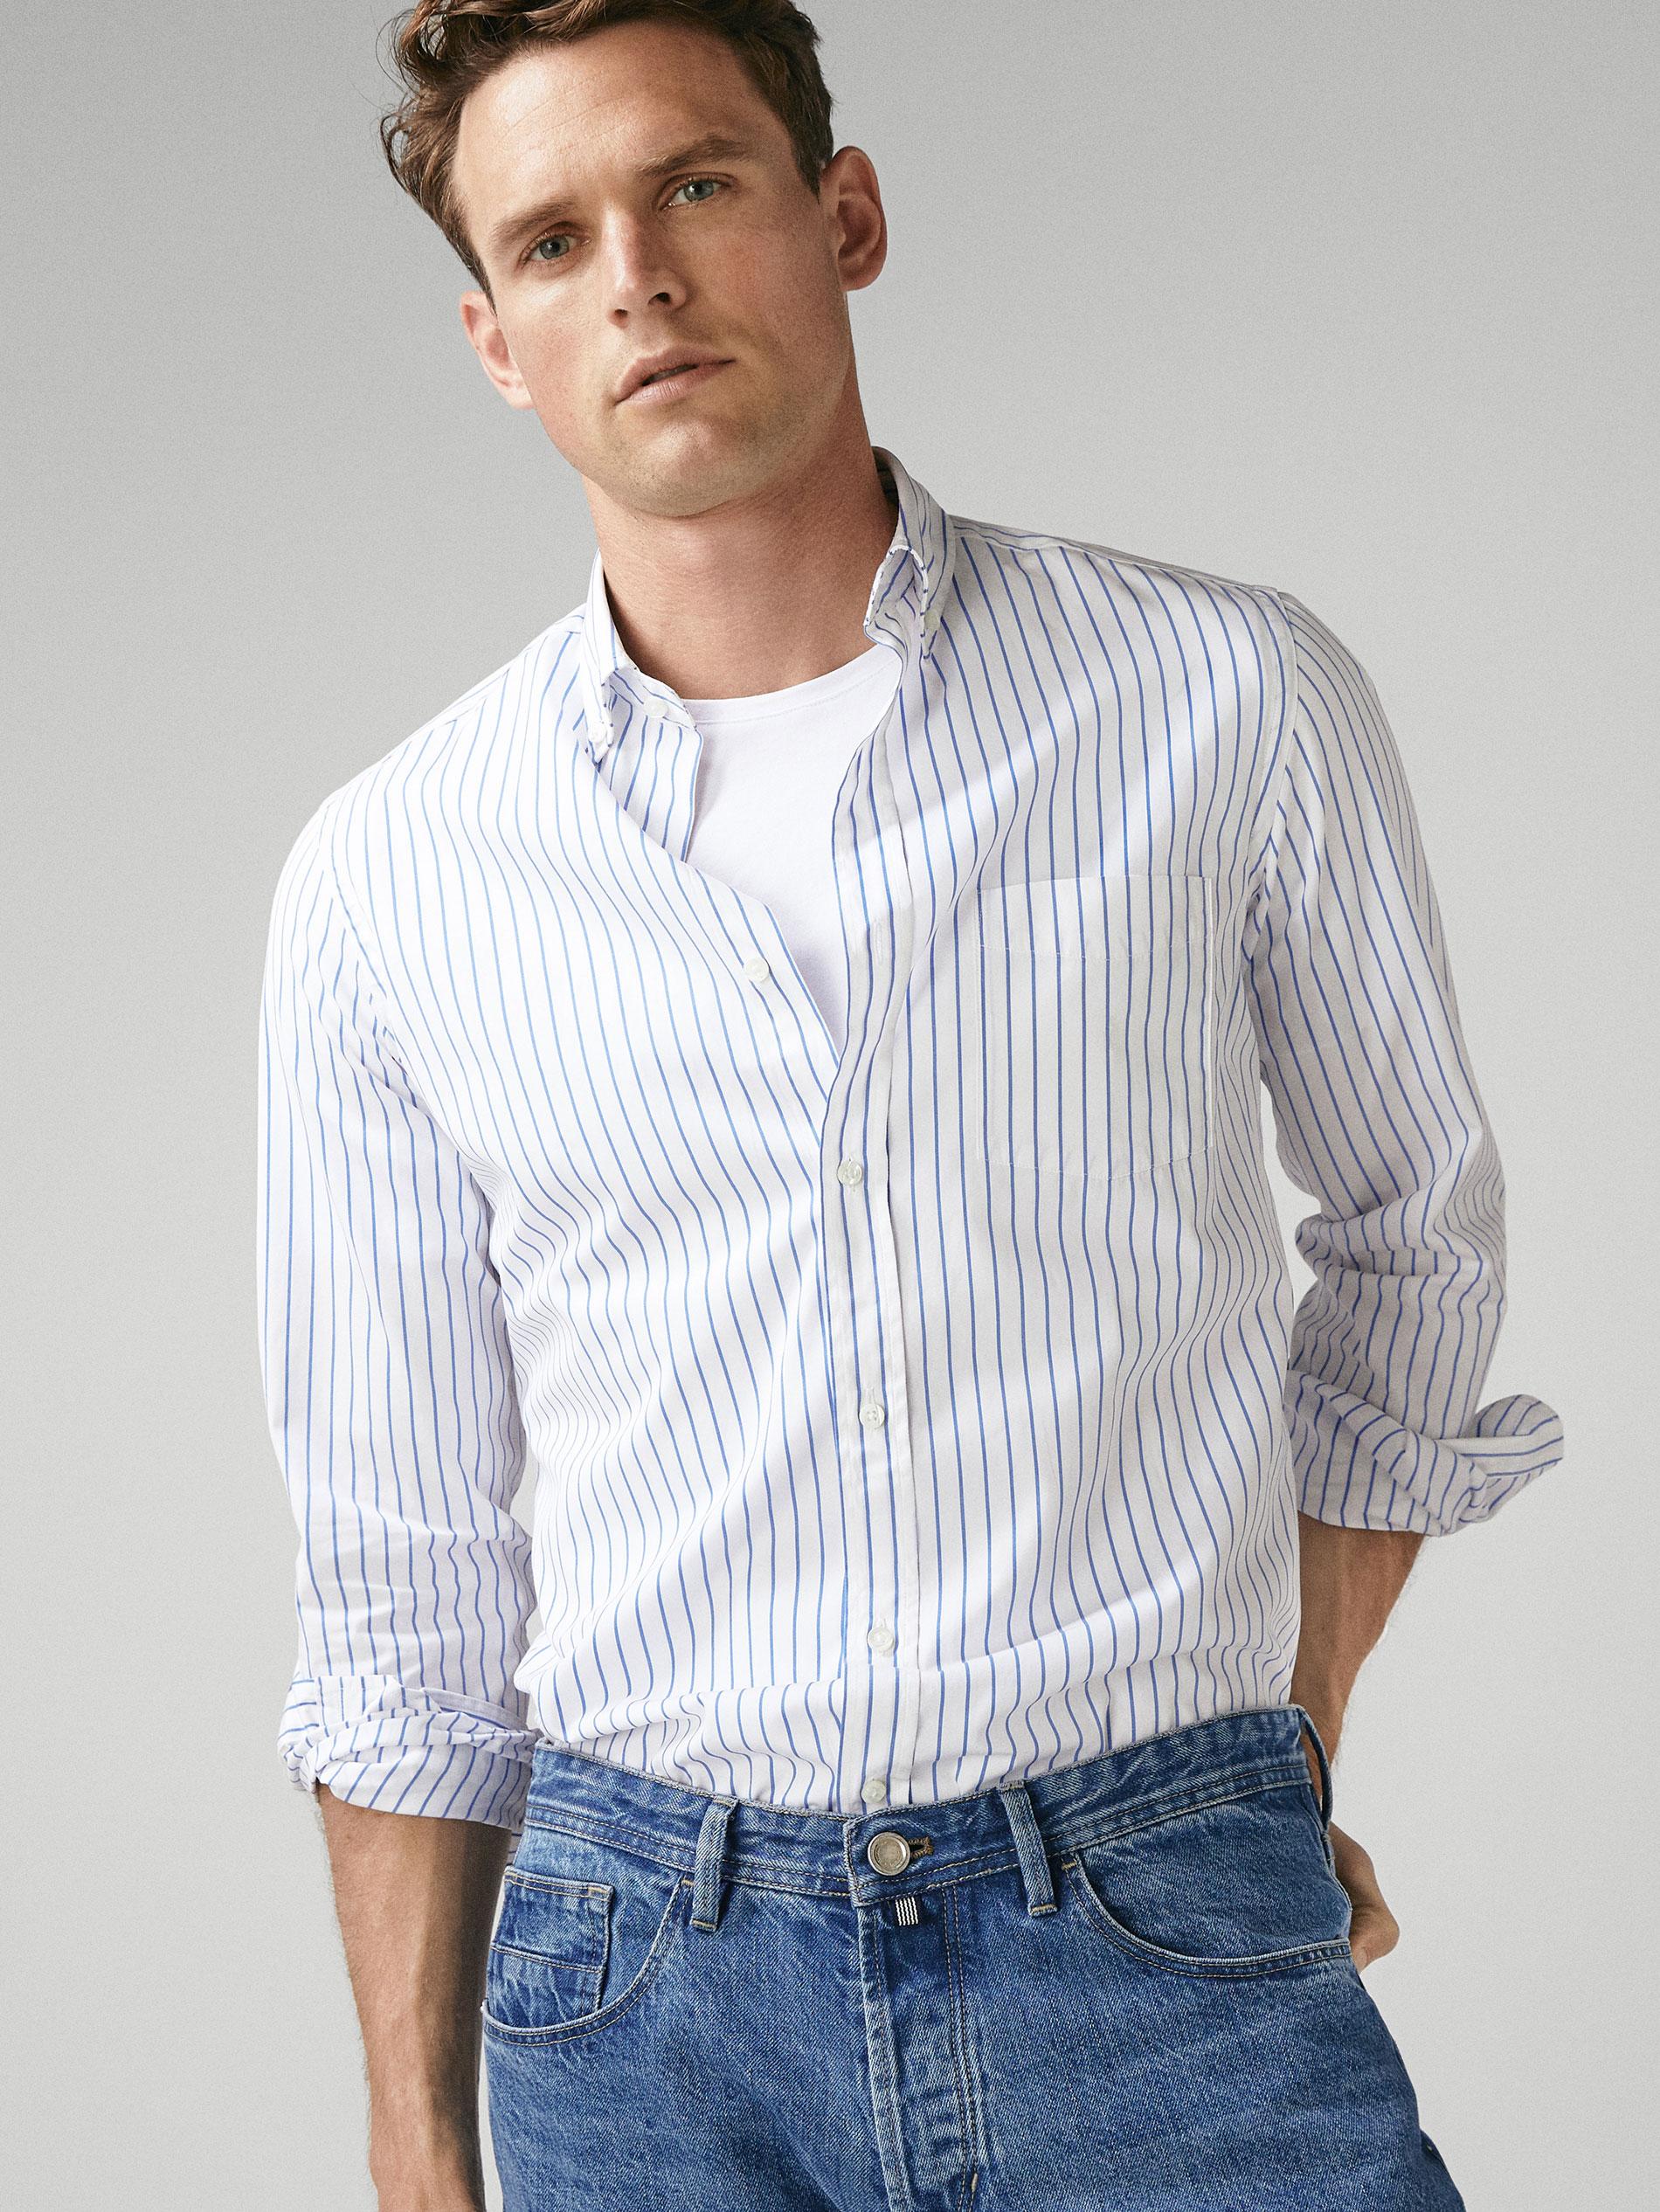 Fit Hombre Colección Extra Pantalones Slim qZHn6